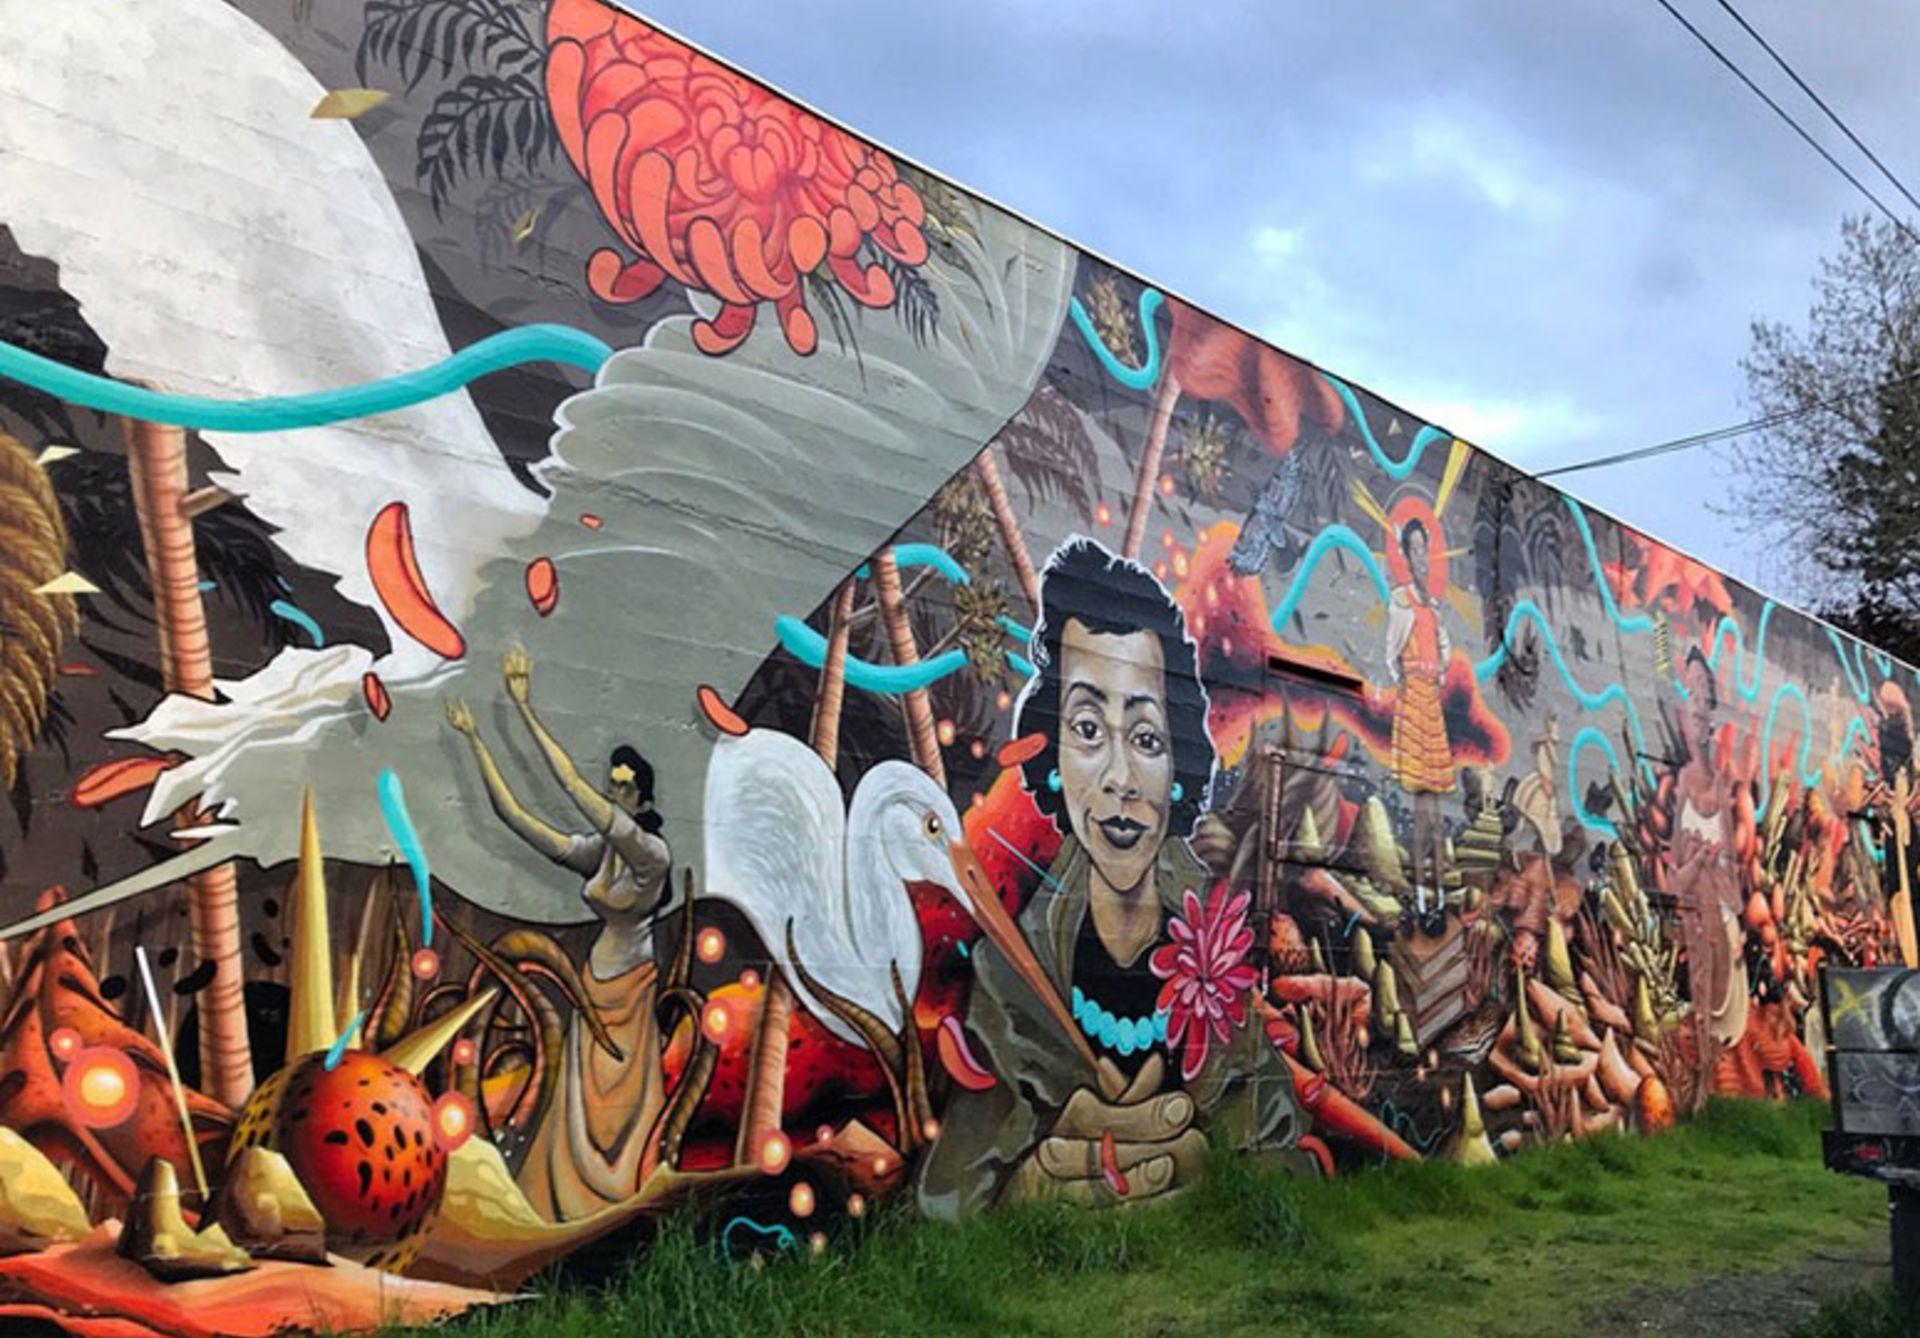 Inner NE Portland